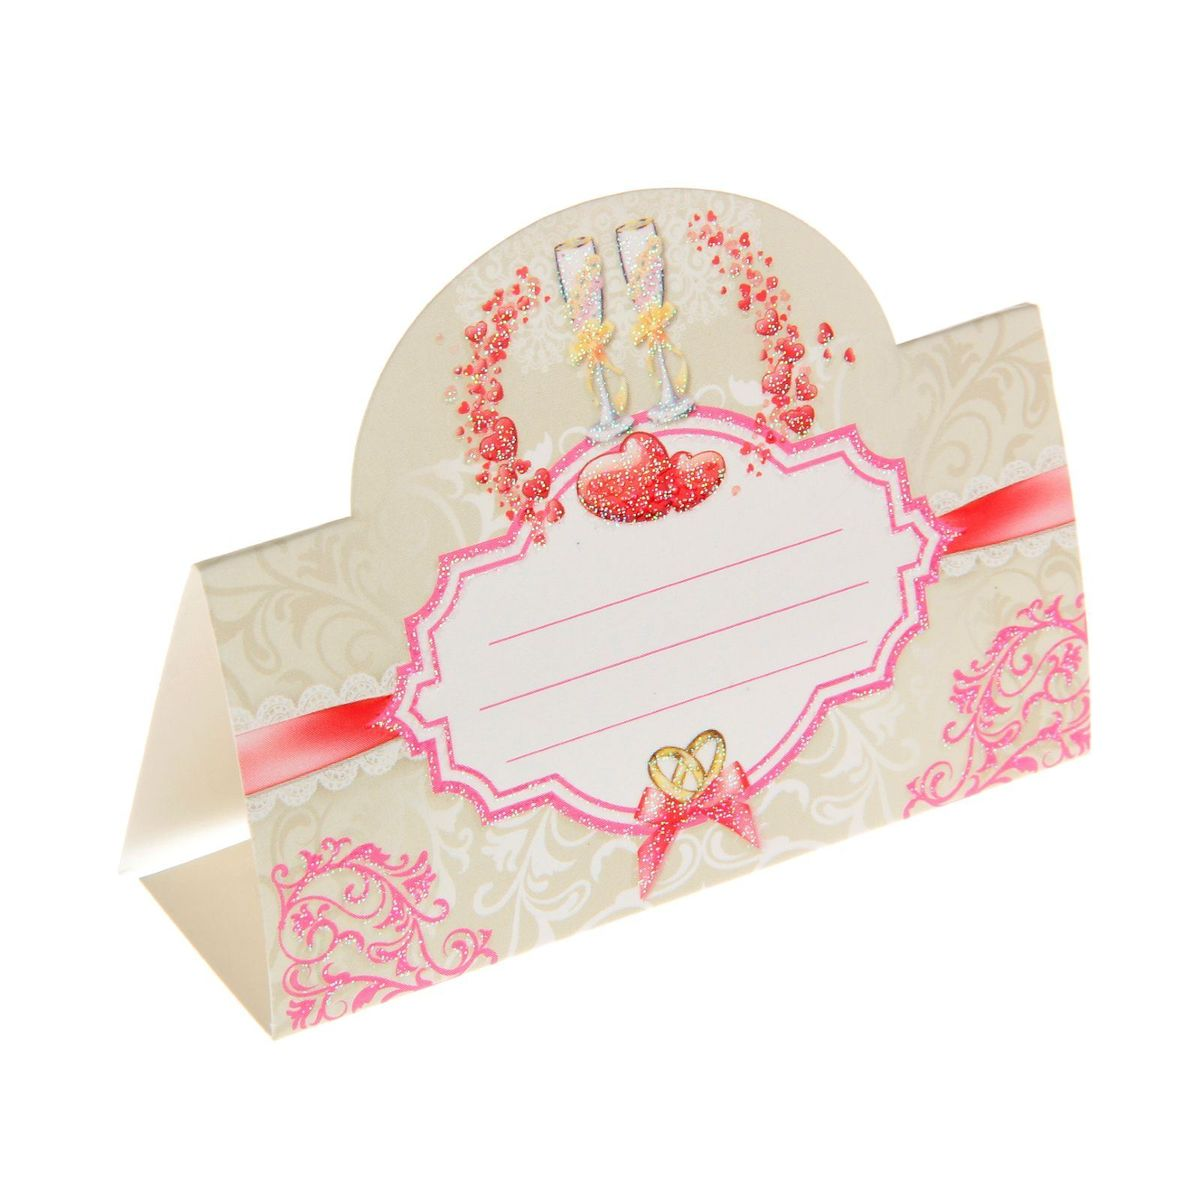 Карточка банкетная Миленд. 12187161218716Красиво оформленный свадебный стол - это эффектное, неординарное и очень значимое обрамление для проведения любого запланированного вами торжества. Банкетная карточка Миленд - это красивое и оригинальное украшение зала, которое дополнит выдержанный стиль мероприятия и передаст праздничное настроение вам и вашим гостям.